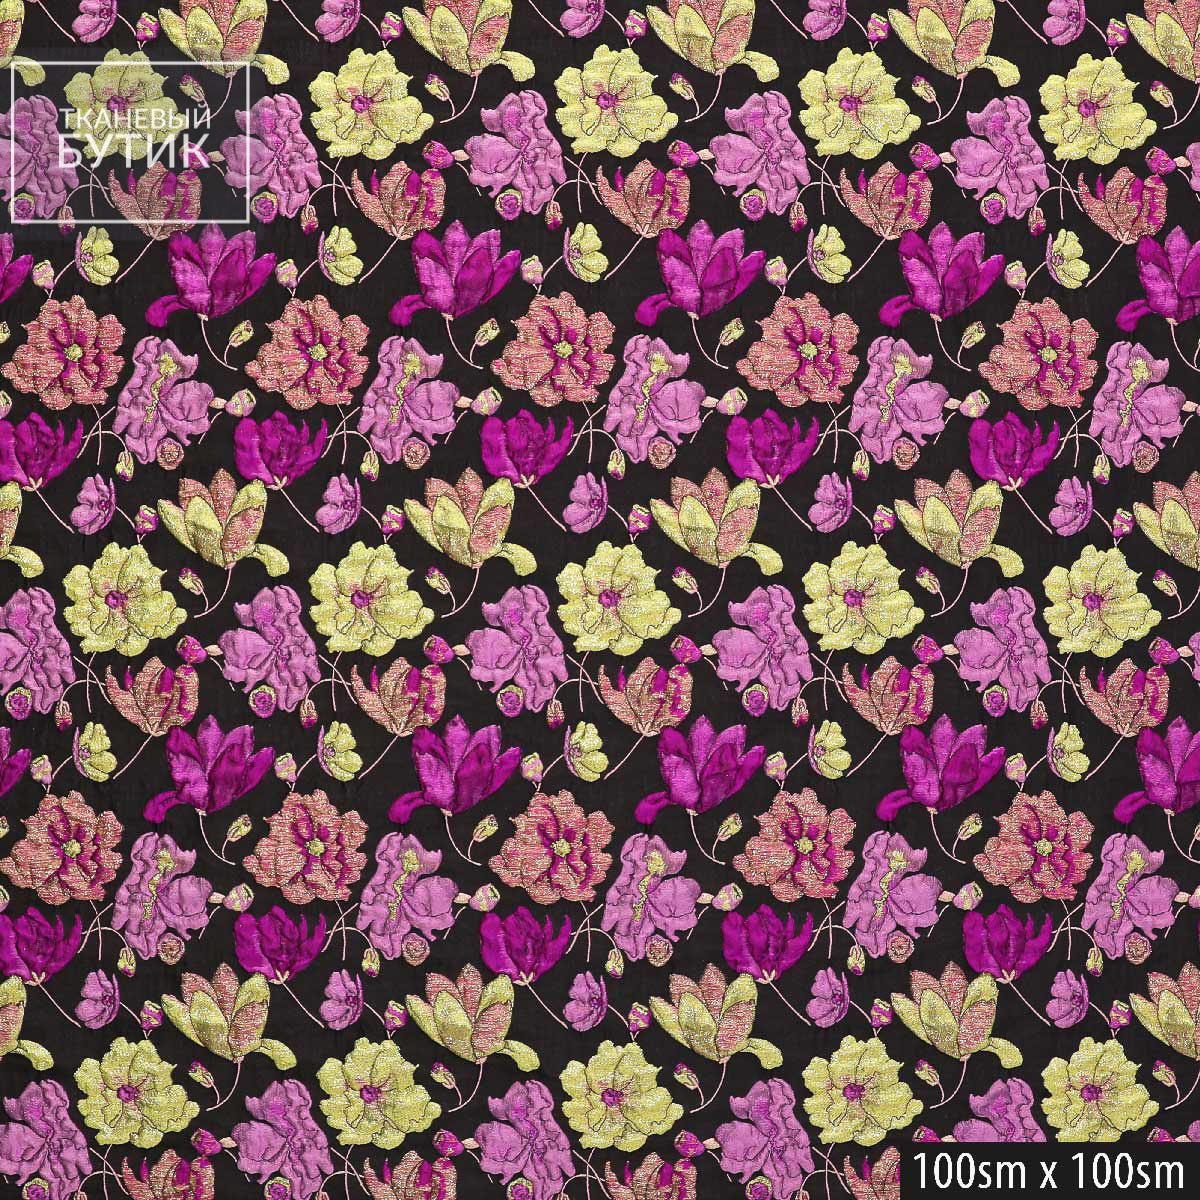 Черный жаккард-клоке с цветами в оттенках фуксии